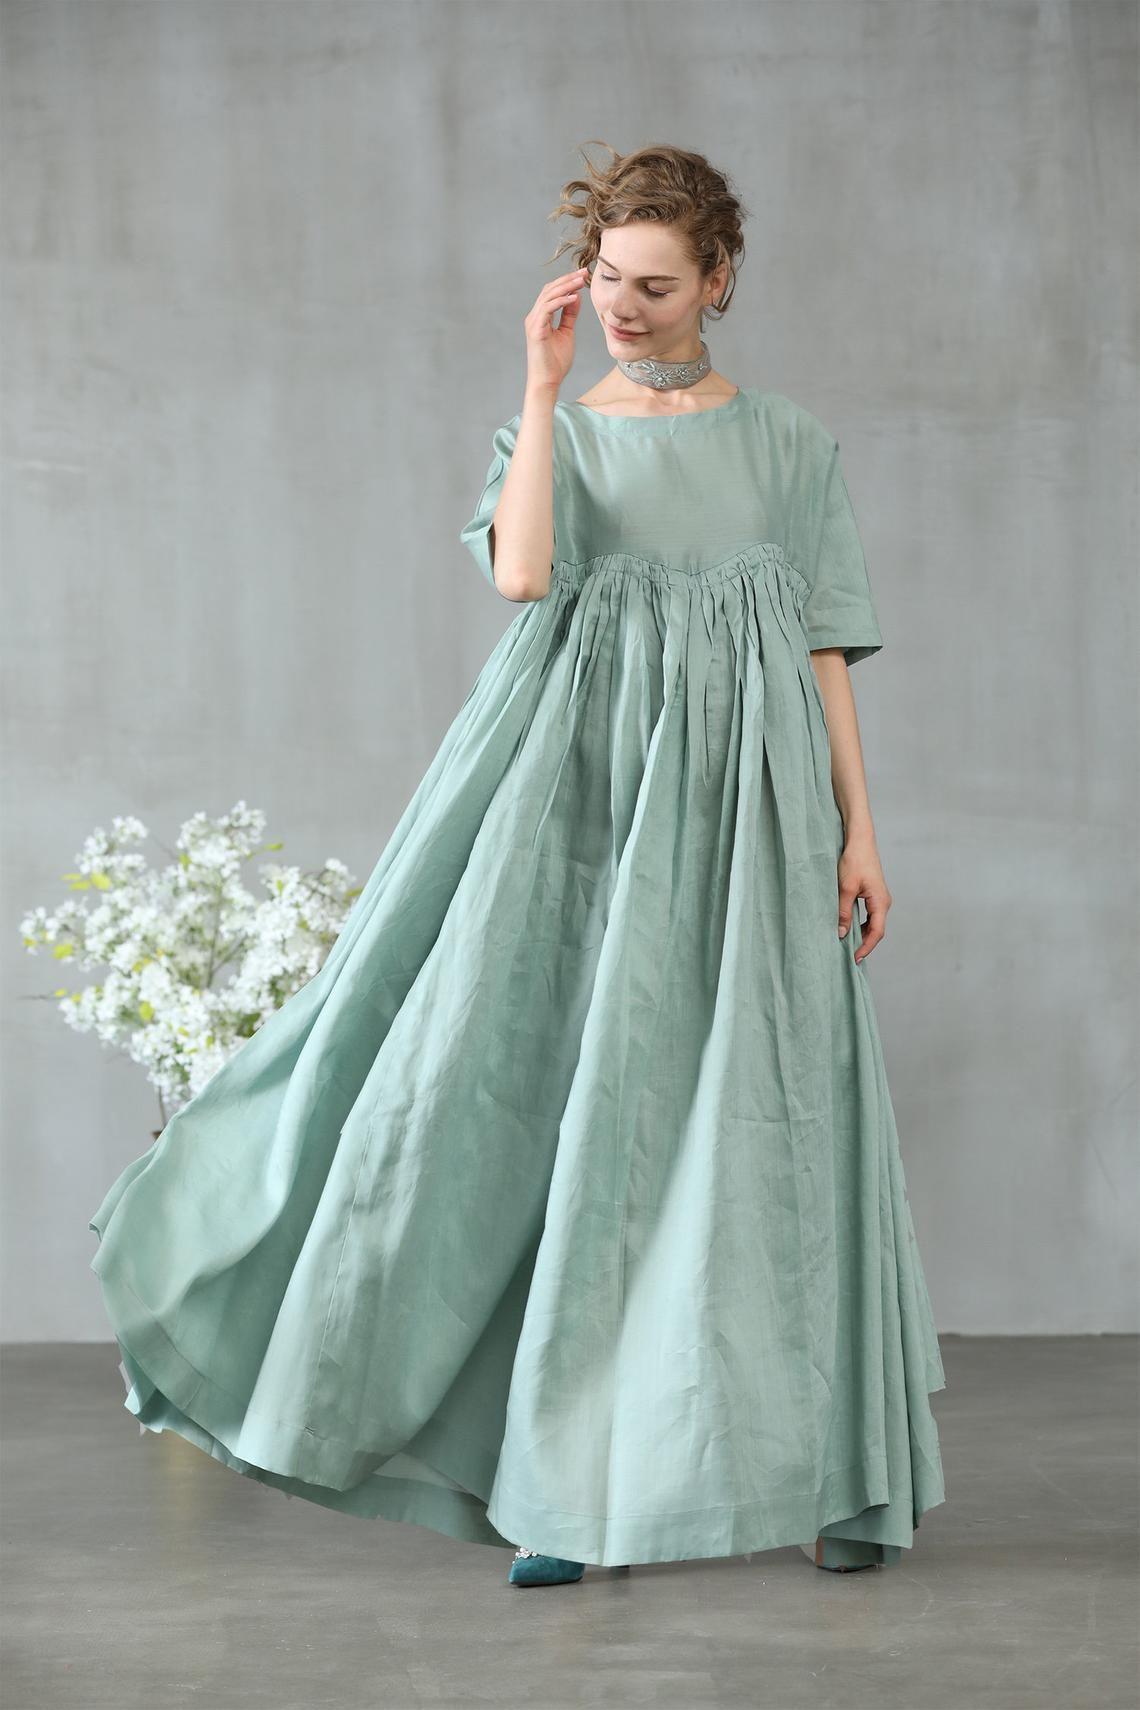 linen dress, dress in aqua green, maxi dress, maxi linen dress, ruffle dress, princess dress, oversized dress, wedding dress | Linennaive®